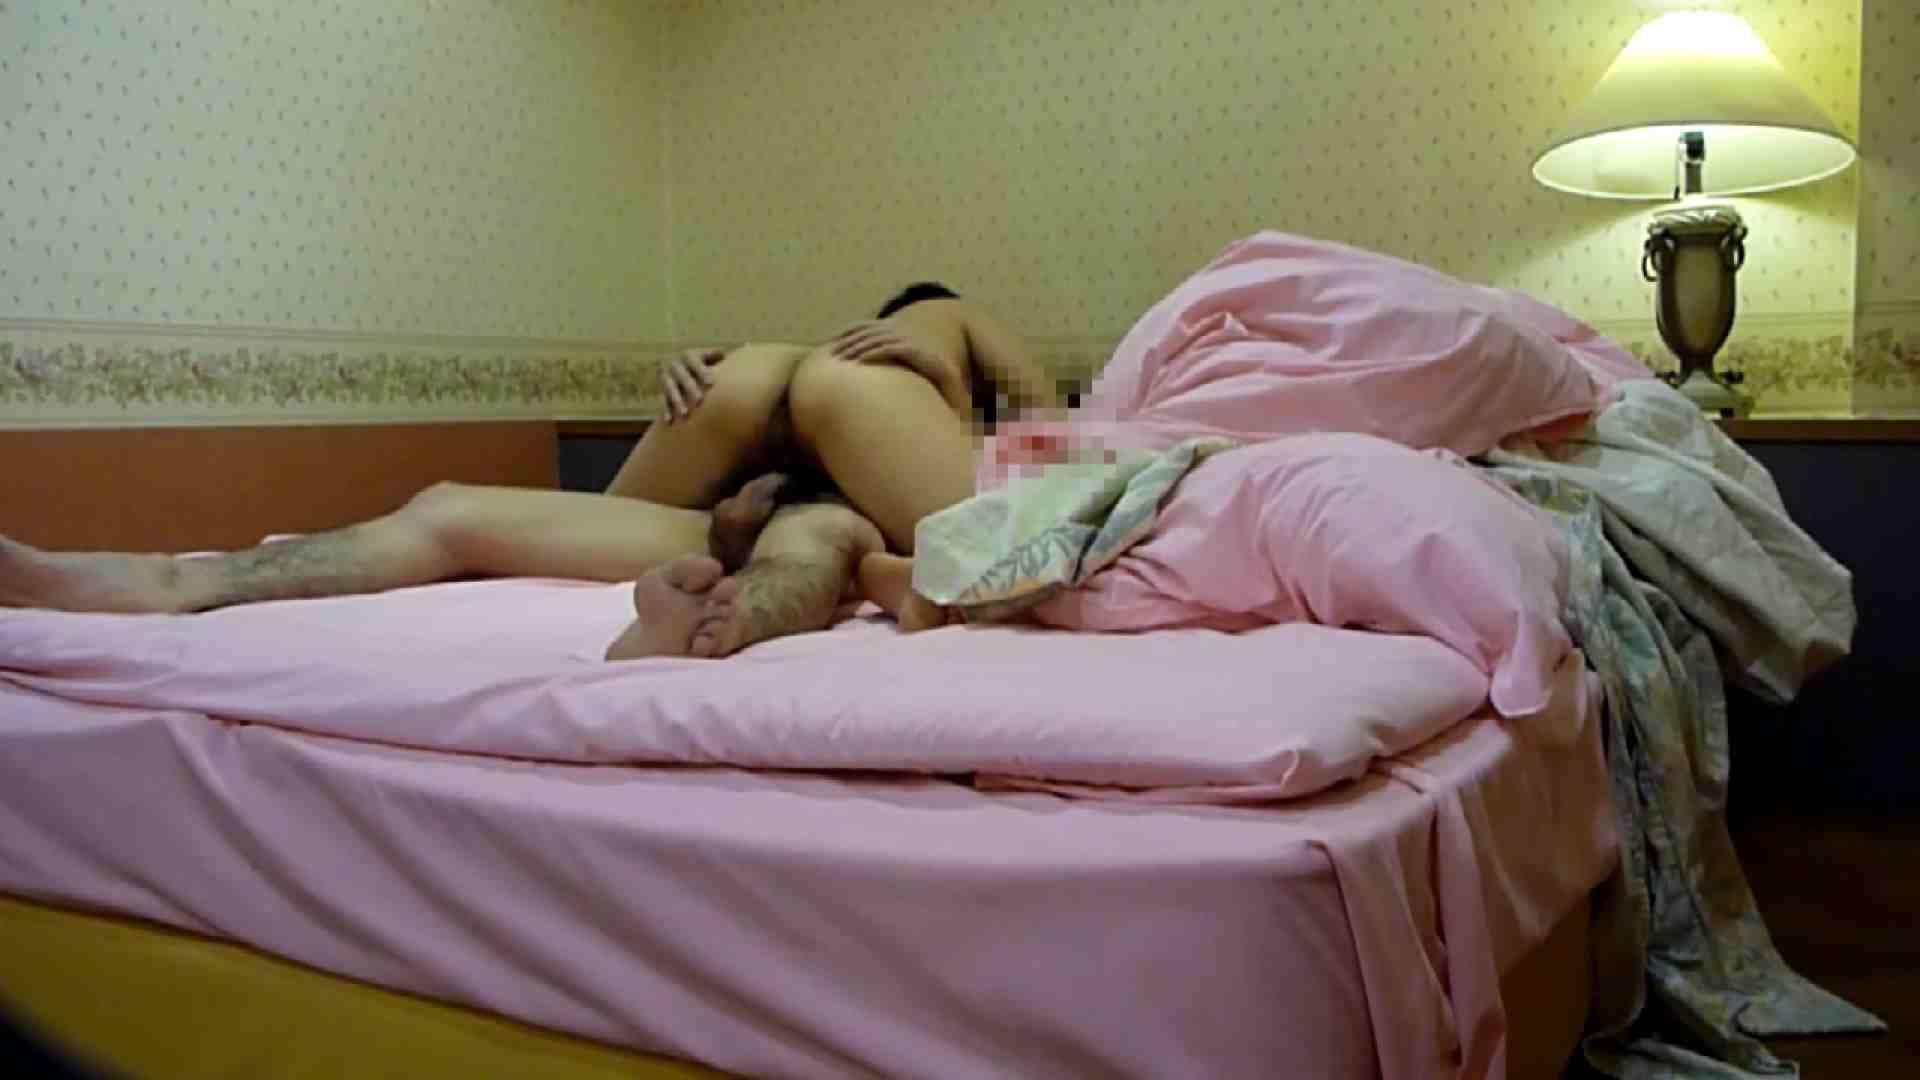 【完全素人投稿】誰にしようか!?やりチン健太の本日もデリ嬢いただきま~す!!04 投稿  46連発 26